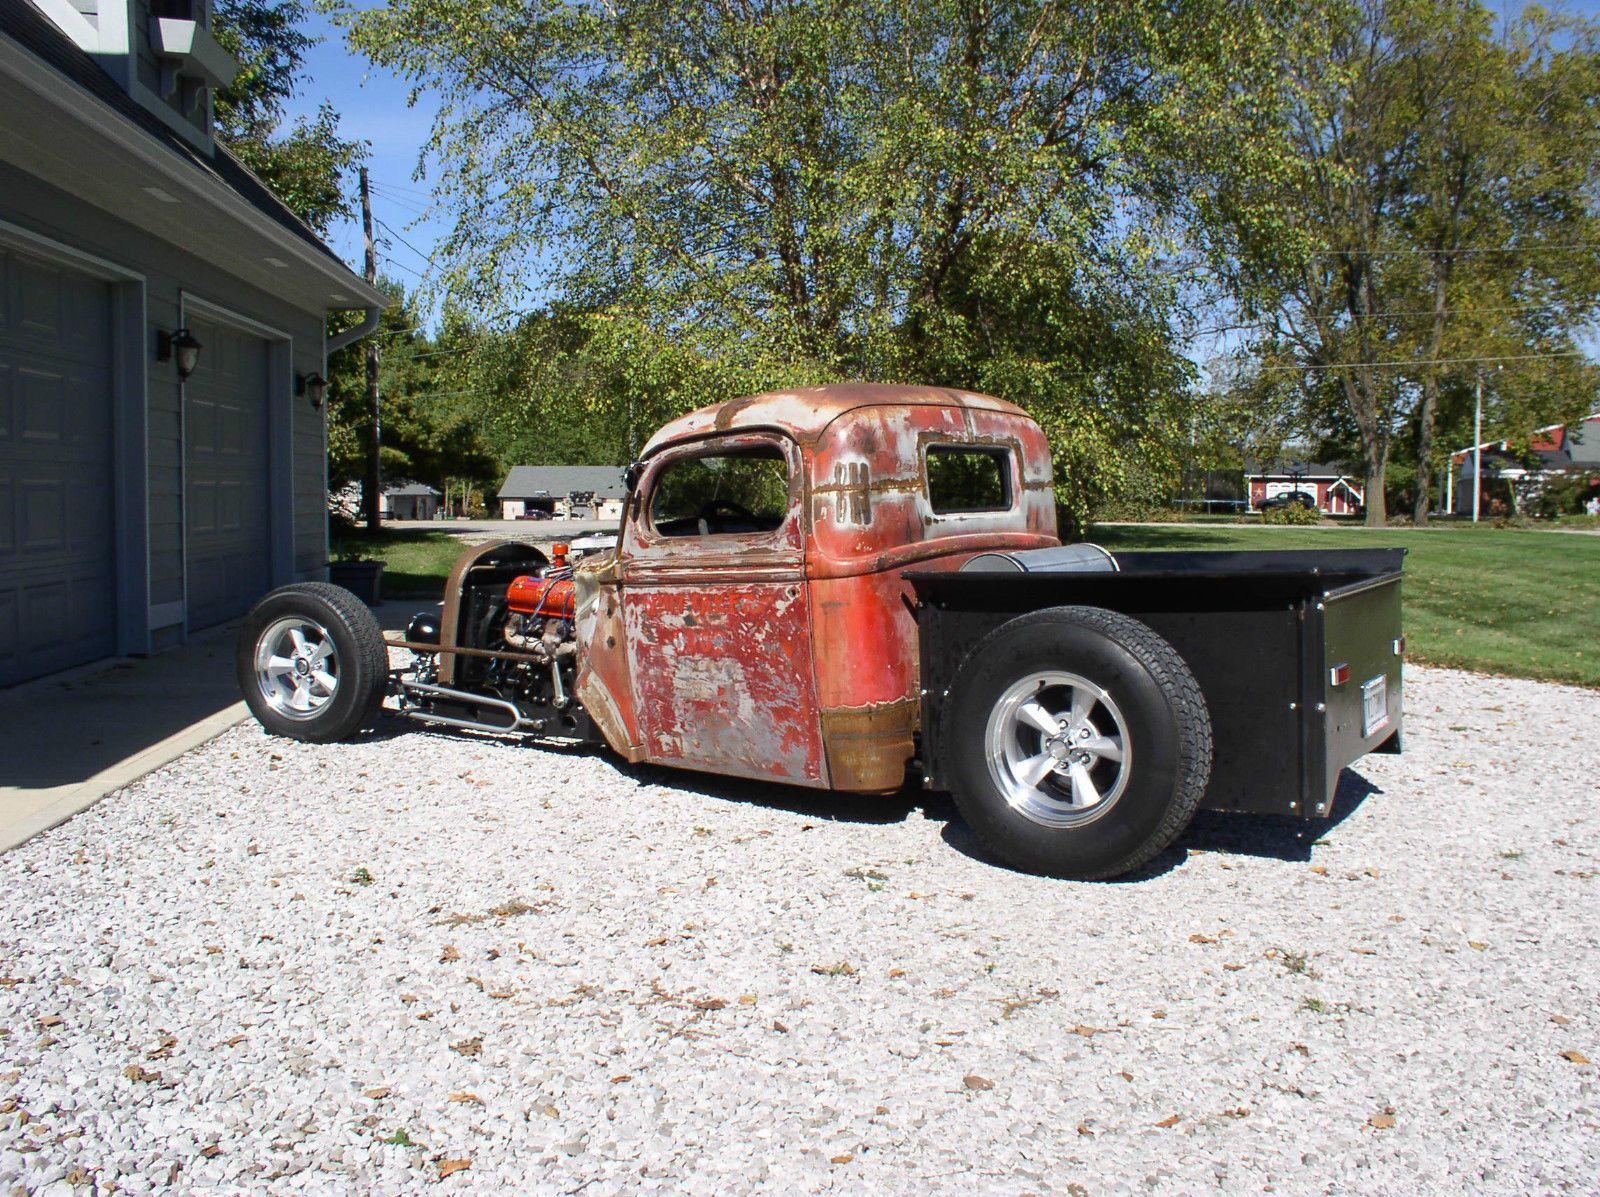 1941 Ford Pickup Hot Rod Studebaker V8 Rods For Sale Truck